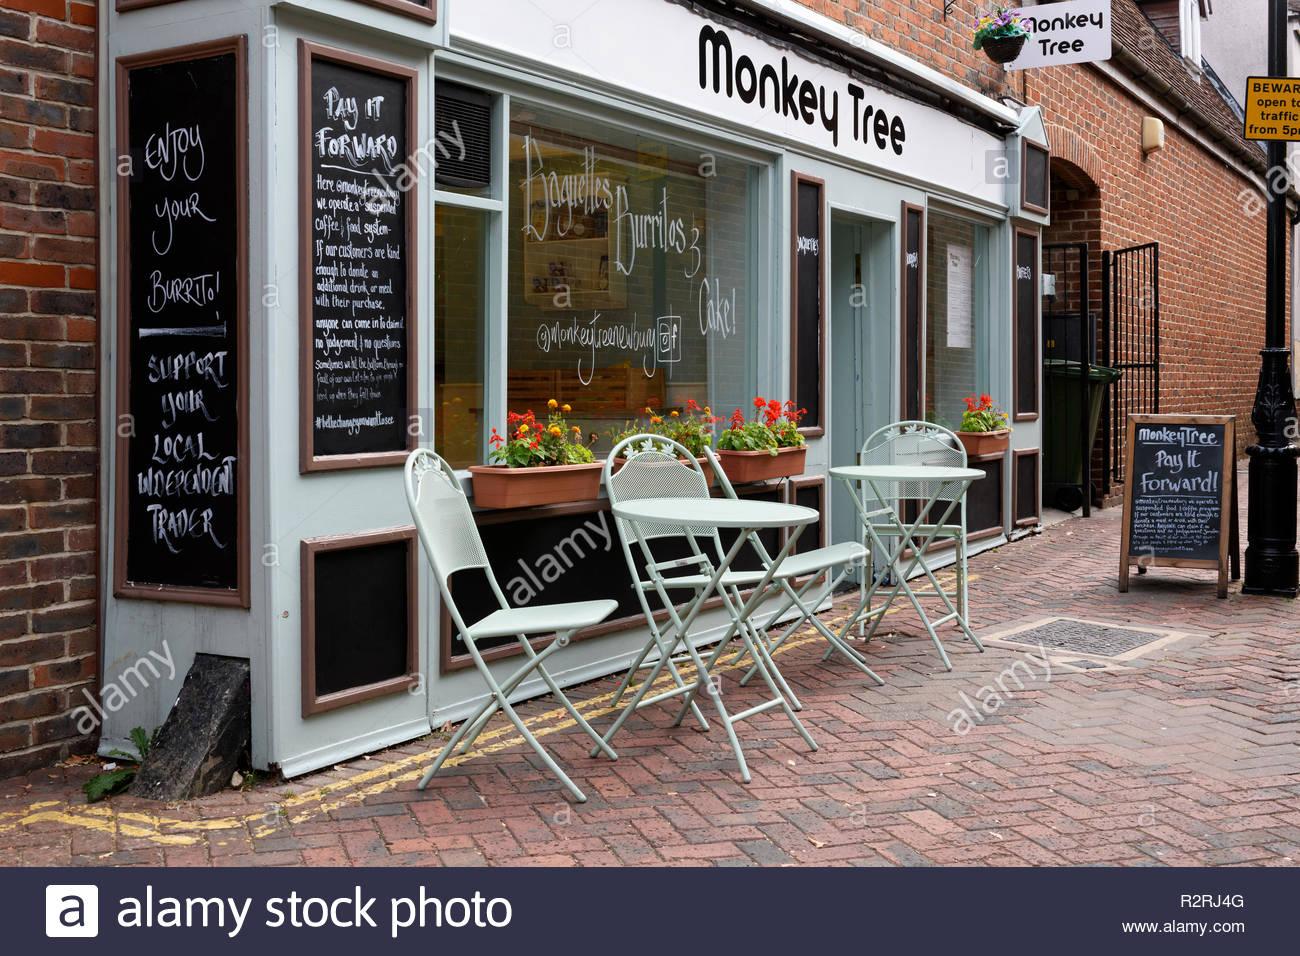 Monkey Tree cafe, Northcroft Lane, Newbury, Berkshire, England, UK - Stock Image